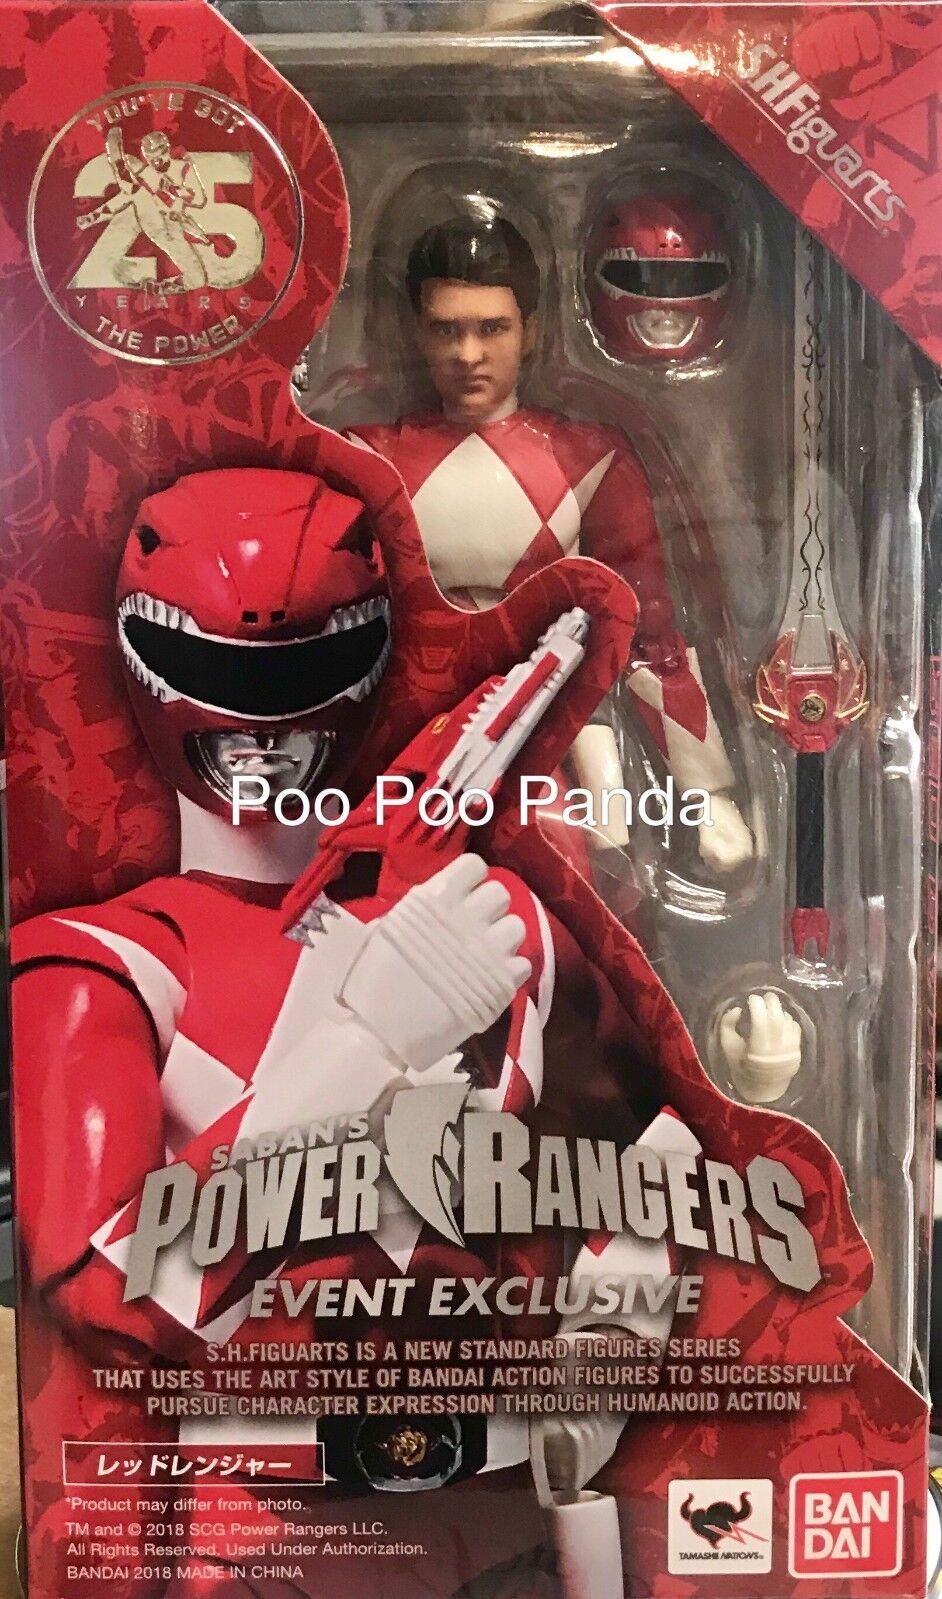 Bandai S.H. Figuarts rojo Ranger desenmasCocheado Sdcc 2018 Exclusive